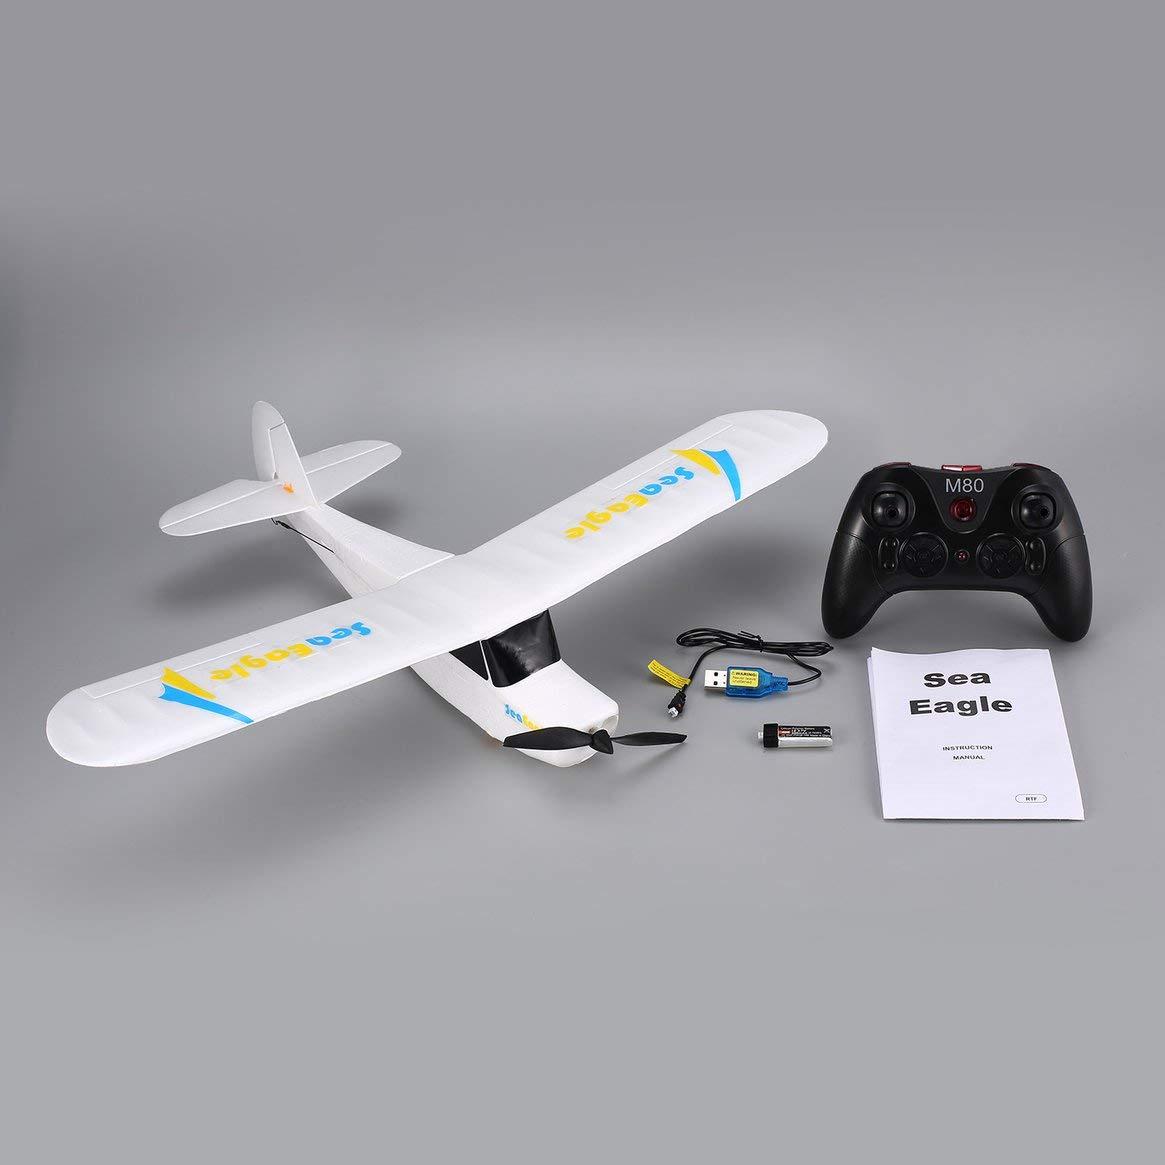 Delicacydex Mirabrobot Seaeagle 2.4Ghz 3CH Mini 3/6-Achsen-Fernbedienung RC Flugzeug Fixed Wing Drone Flugzeug mit Spannweite 510mm RTF - Weiß